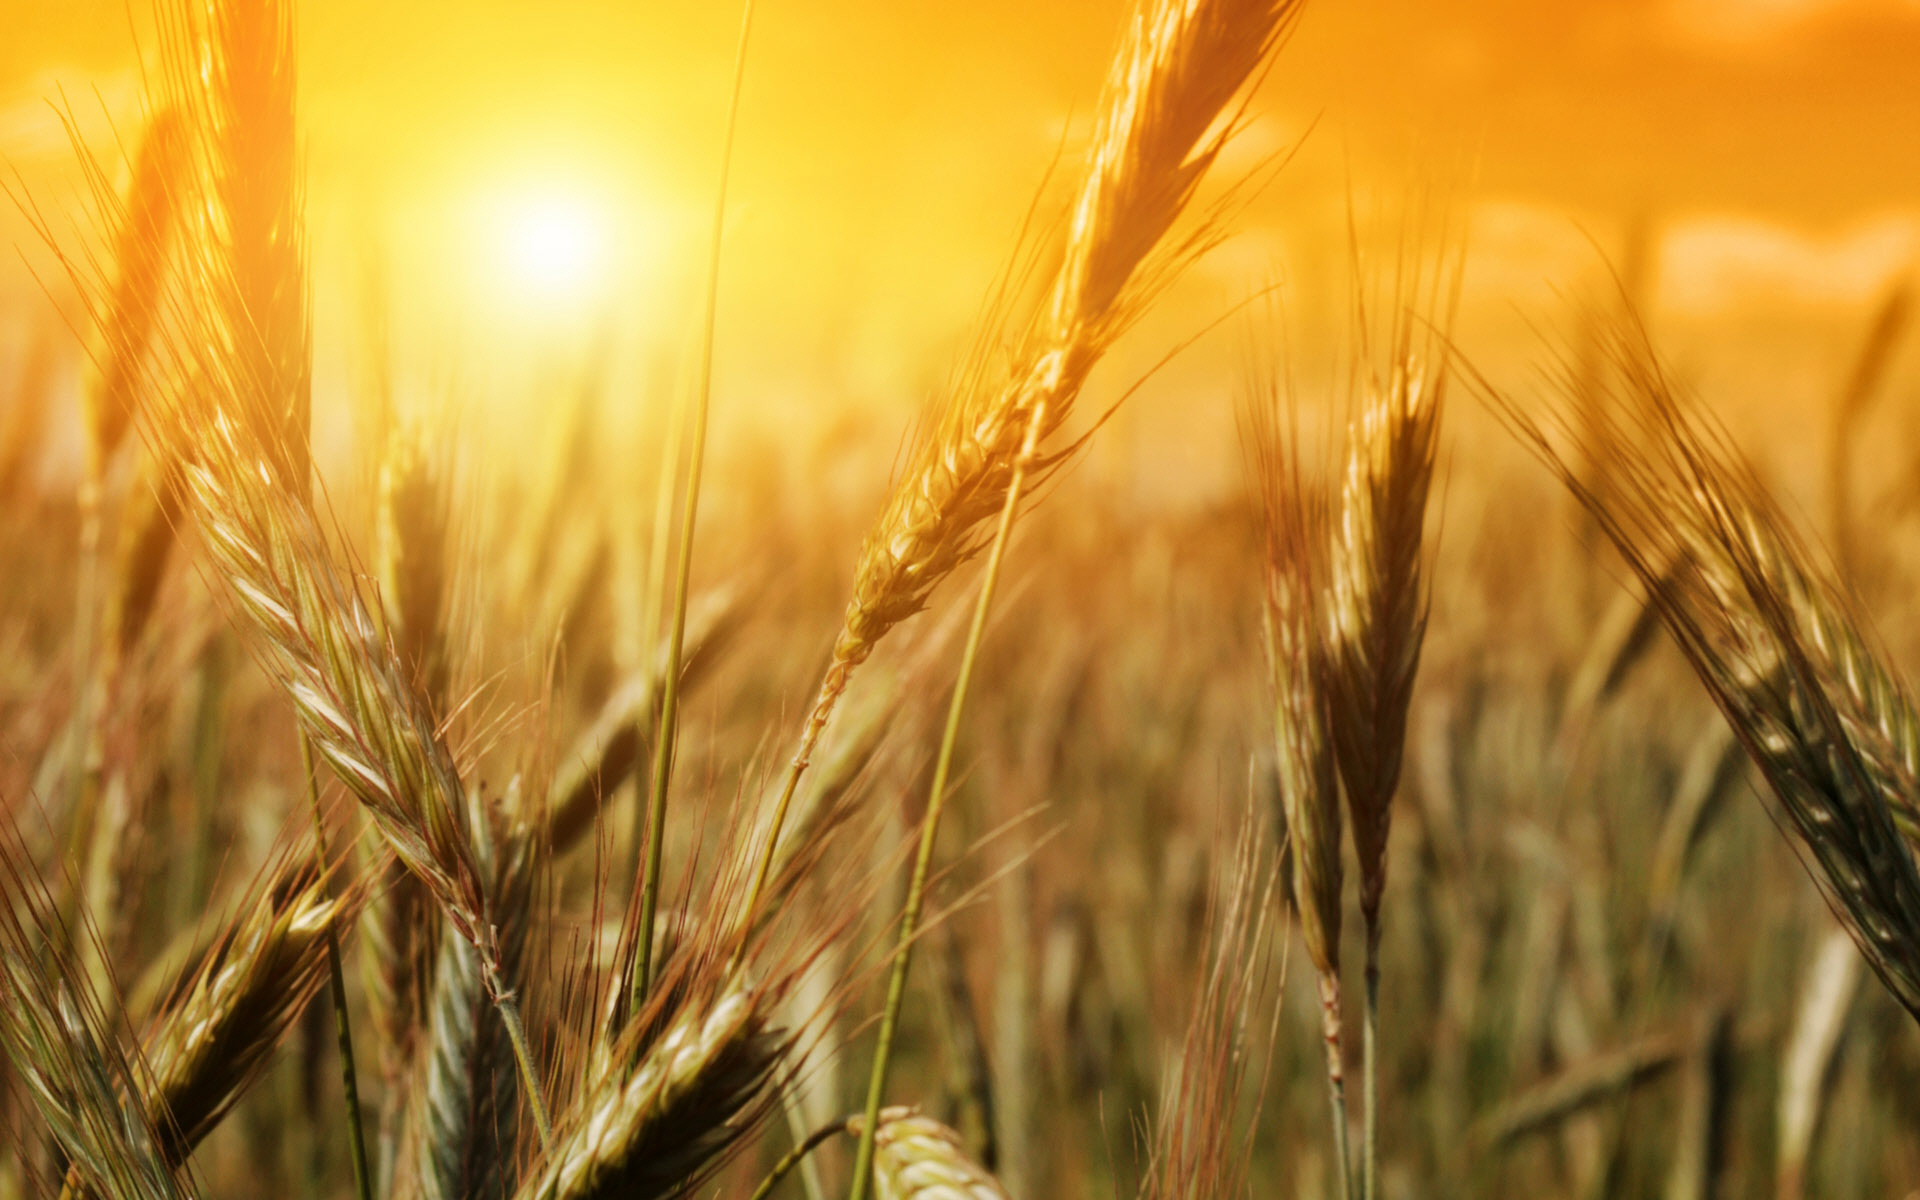 wheat-field-27